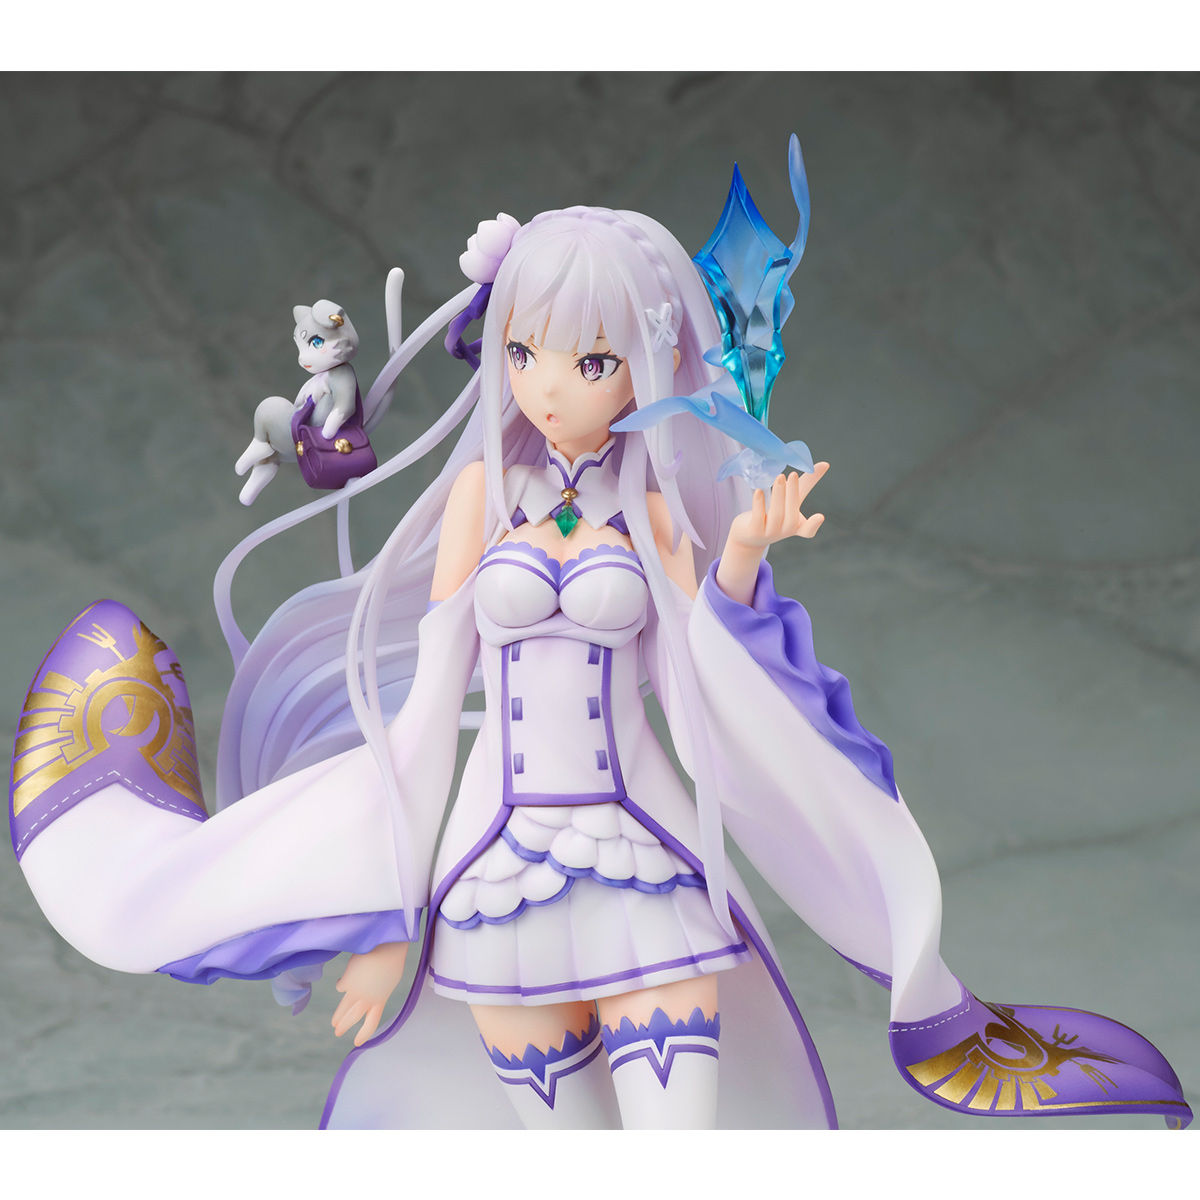 Re:ゼロから始める異世界生活『エミリア』完成品フィギュア-009